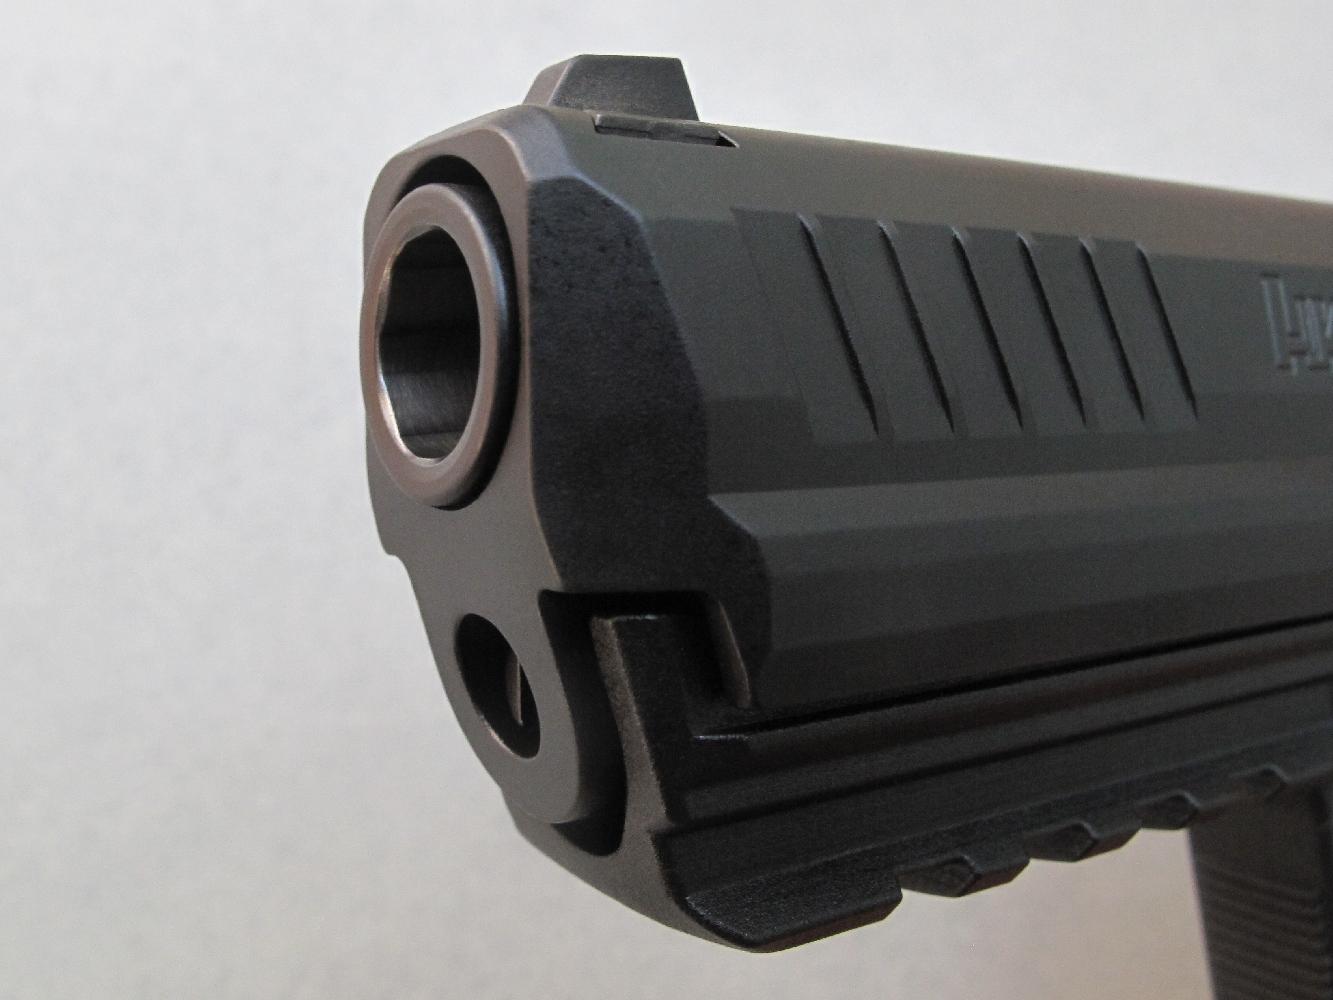 Cette vue permet d'observer les rayures hexagonales à travers la bouche du canon.